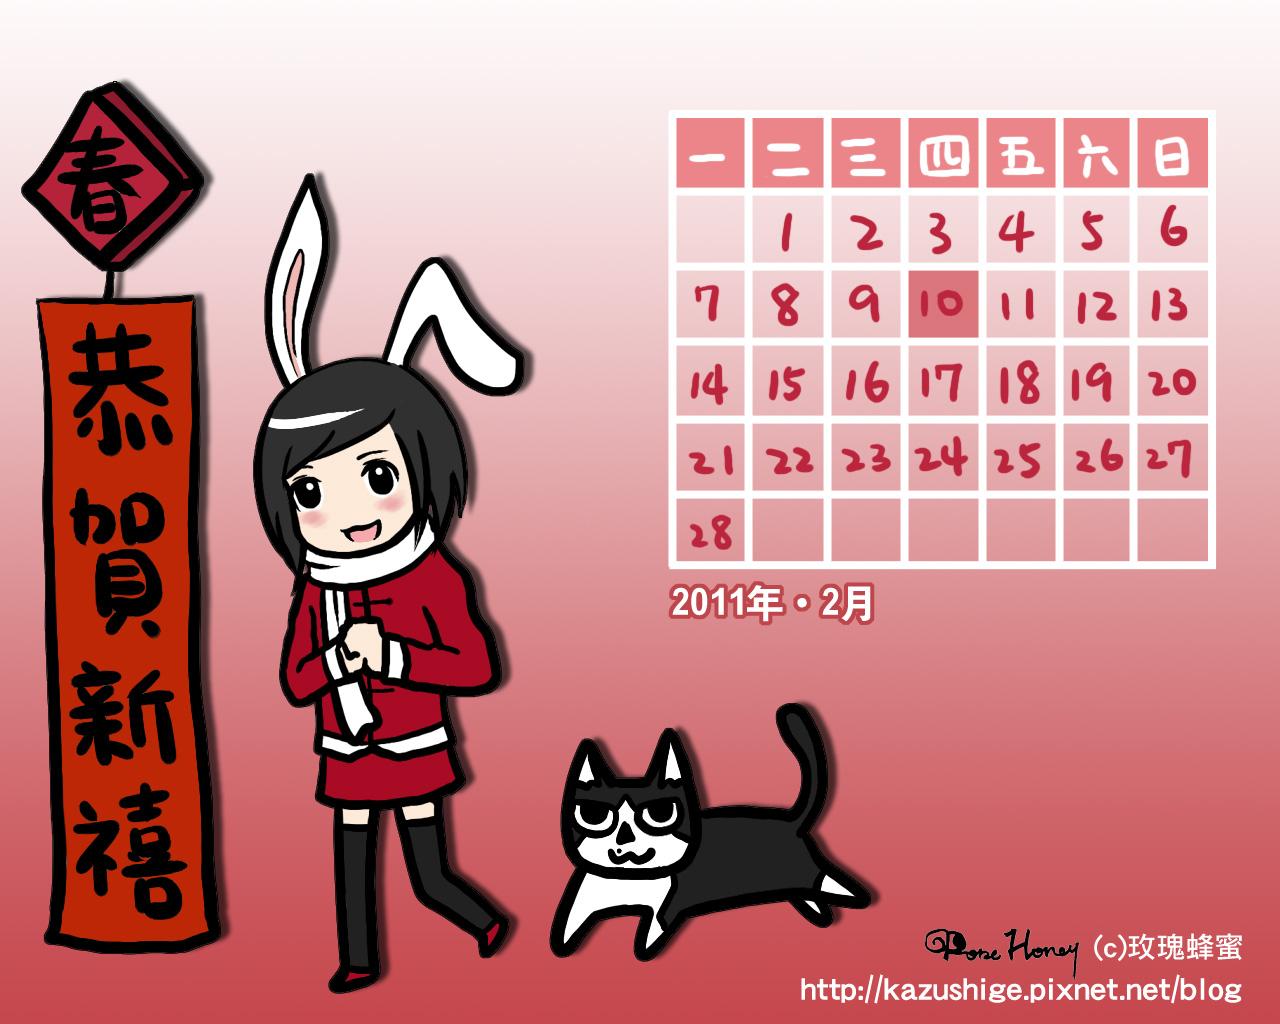 兔年賀圖1280x1024.jpg